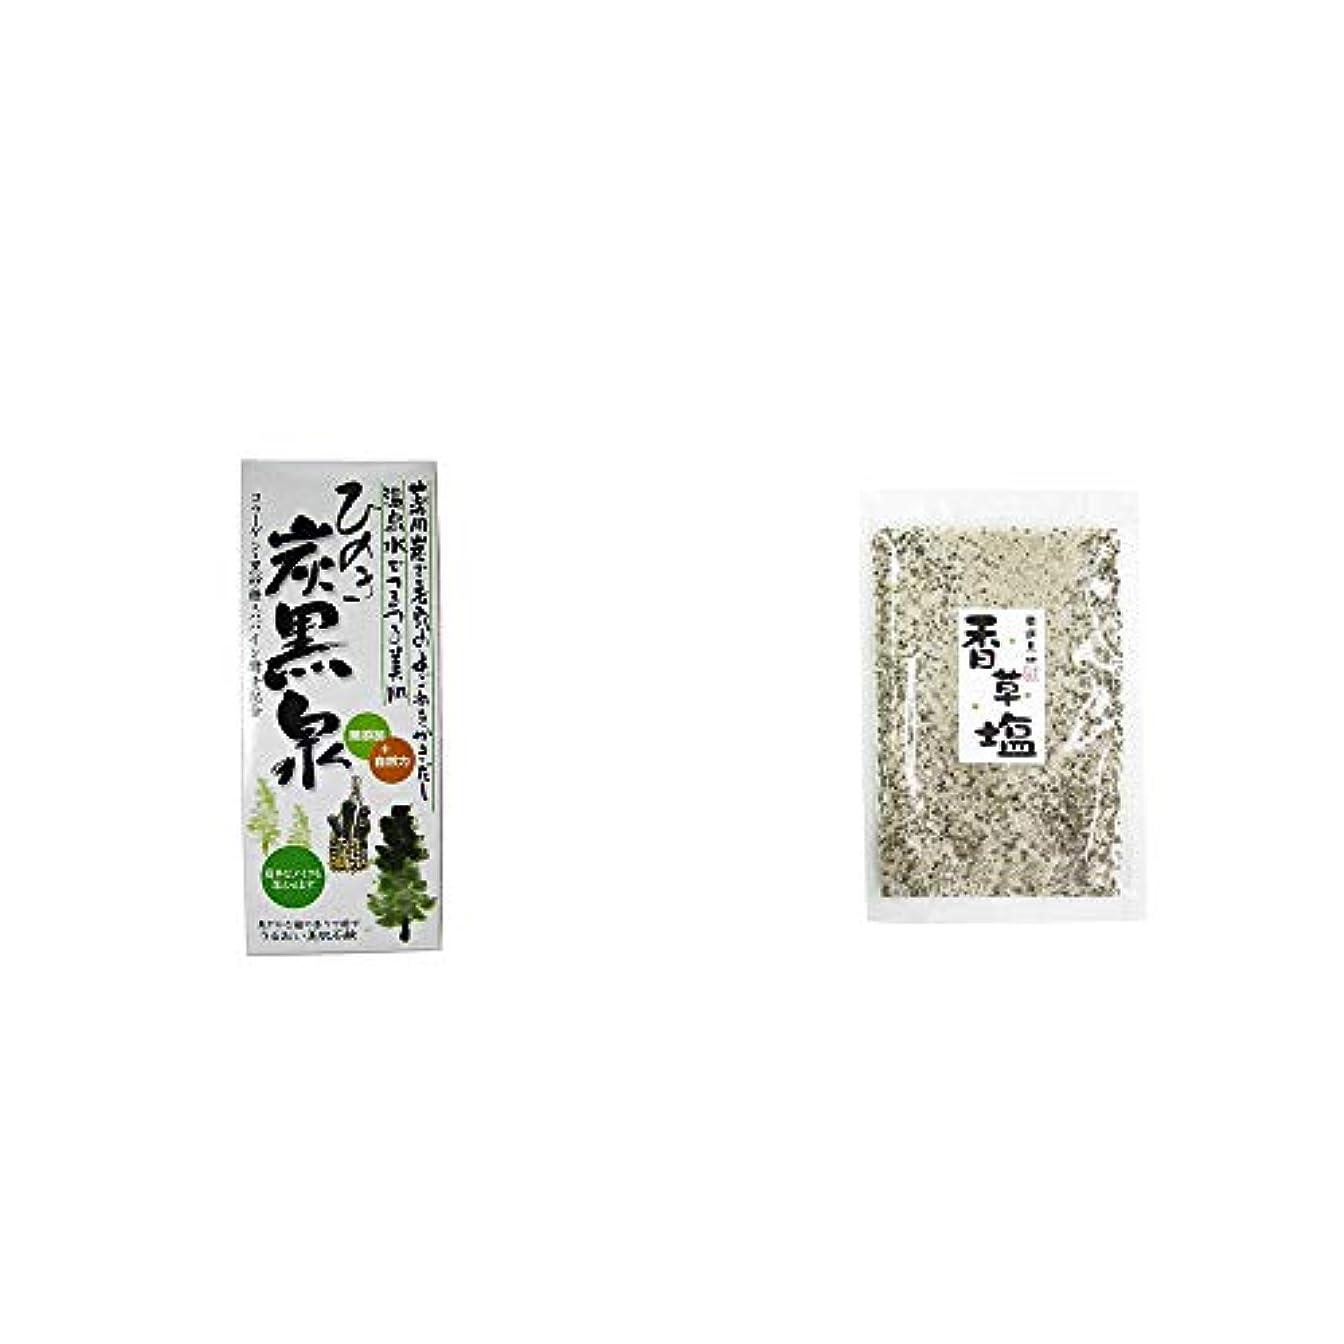 ペンス泥だらけメカニック[2点セット] ひのき炭黒泉 箱入り(75g×3)?香草塩 [袋タイプ](100g)